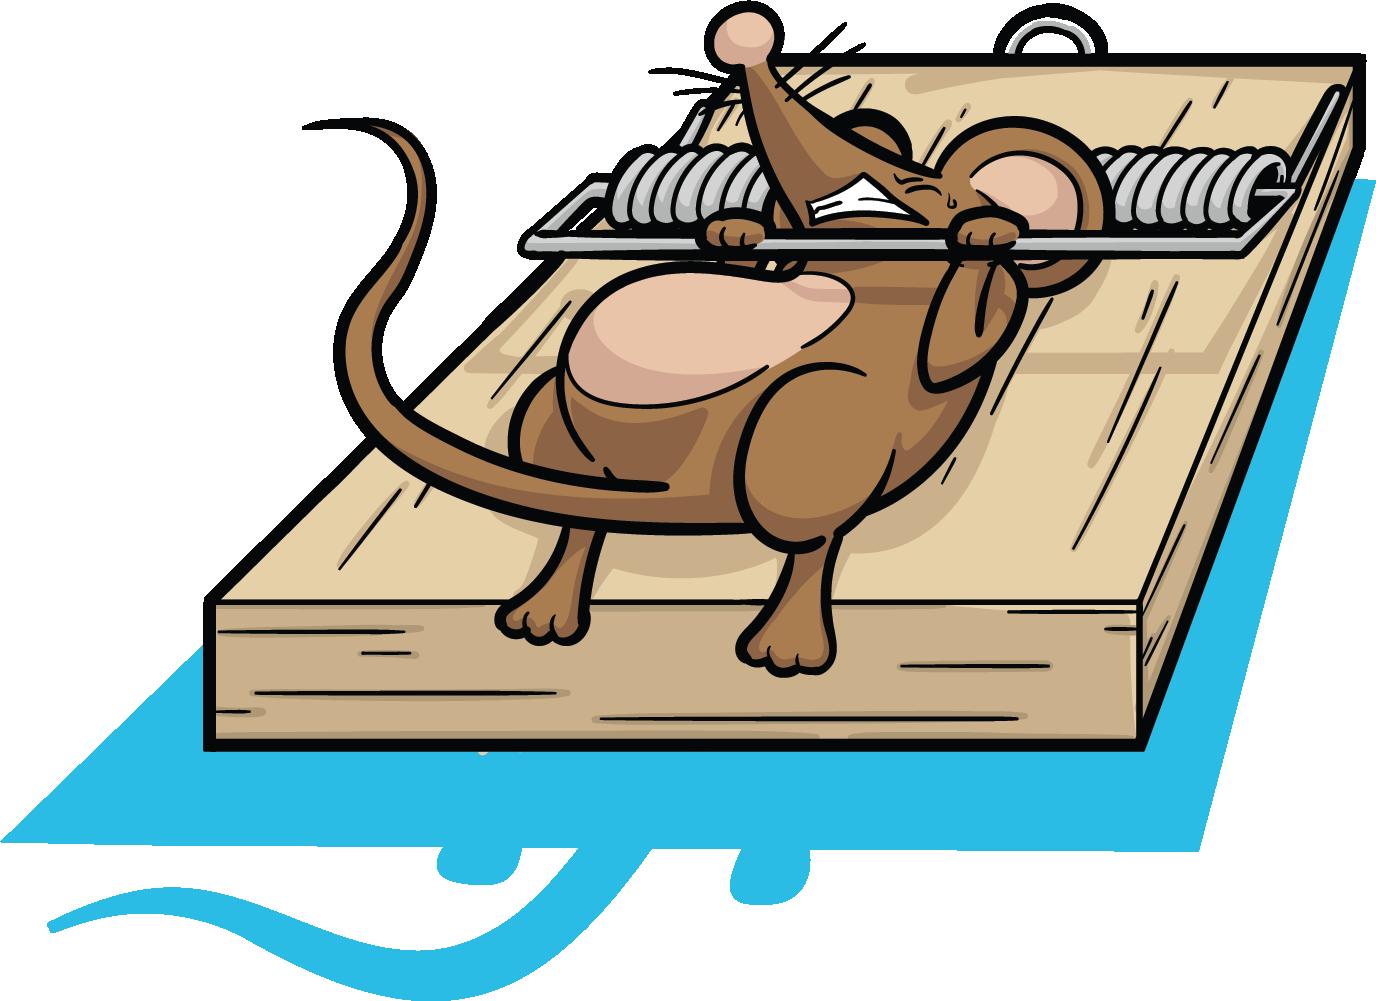 Mousetrap clip trap transprent. Clipart rat line art